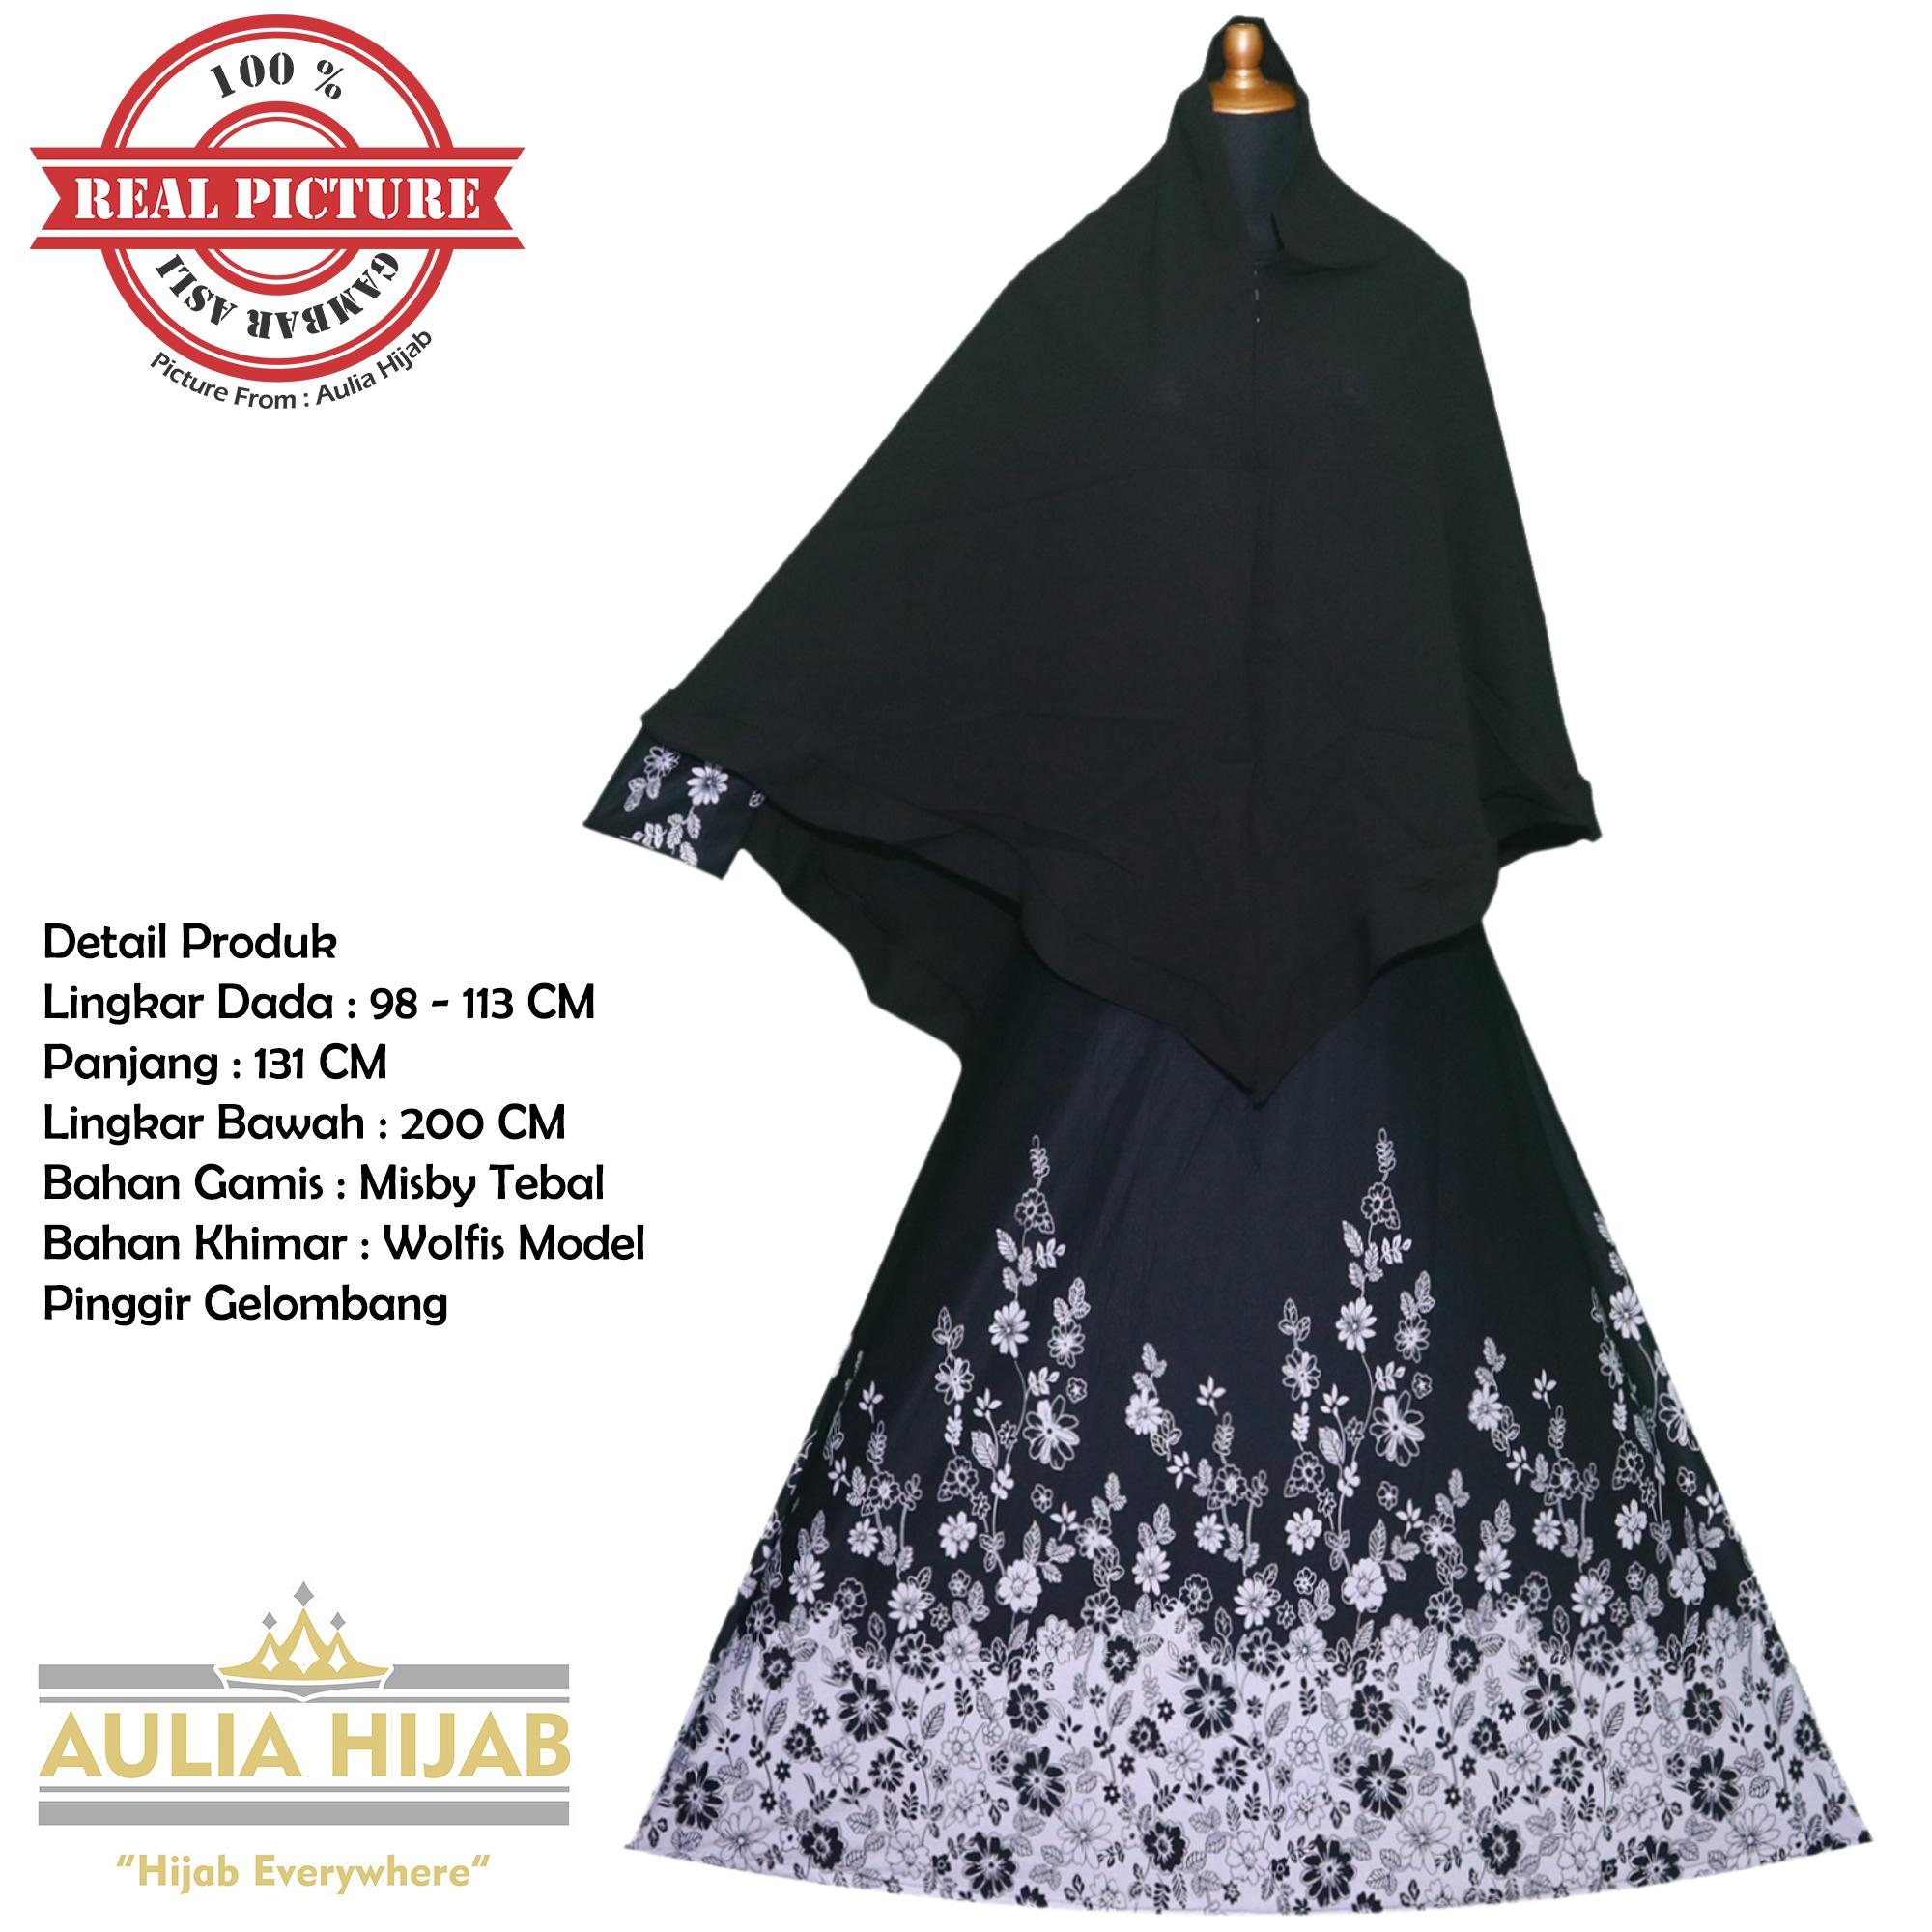 Aulia Hijab - New Cindy Syar'i/Gamis Syar'i/Gamis Misby/Gamis Wolfis/Gamis Laser/Gamis Murah/Gamis Terbaru/Gamis Jilbab/Gamis Plus Jilbab/Gamis Jilbab Panjang/Gamis Plus Khimar/Gamis Pesta/Gamis Cantik